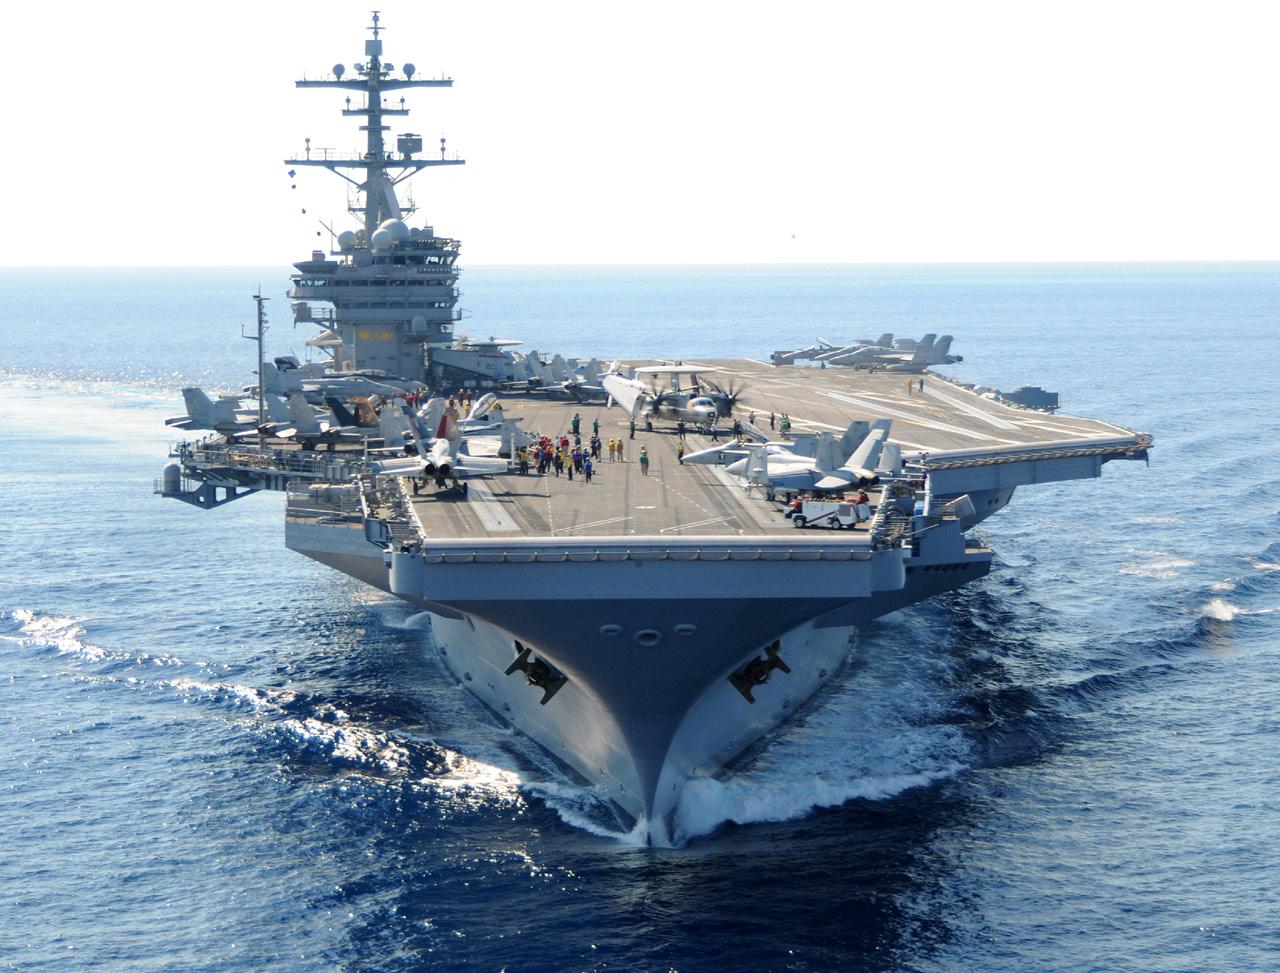 L'USS George H. W. Bush (CVN-77). Il s'agit d'un porte-avions à propulsion nucléaire de la classe Nimitz (sous-classe Ronald Reagan). Commandé le 26 janvier 2001, sa construction a débuté le 6 septembre 2003. Lancé le 7 octobre 2006, il est en service depuis le 10 janvier 2009 (Photo : US Navy)